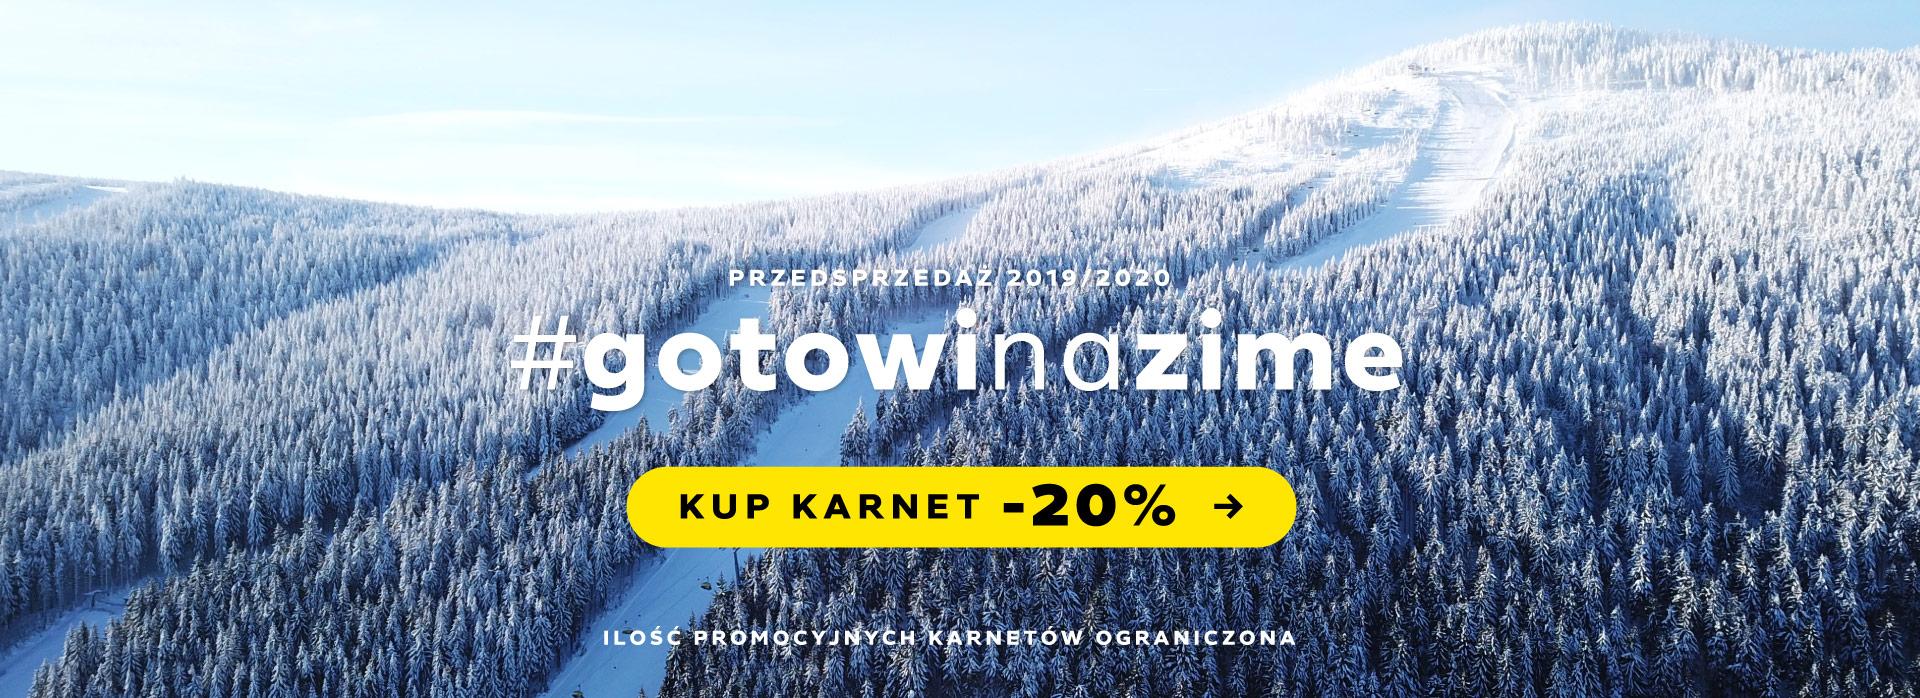 Czarna Góra Resort - przedsprzedaż karnetów narciarskich